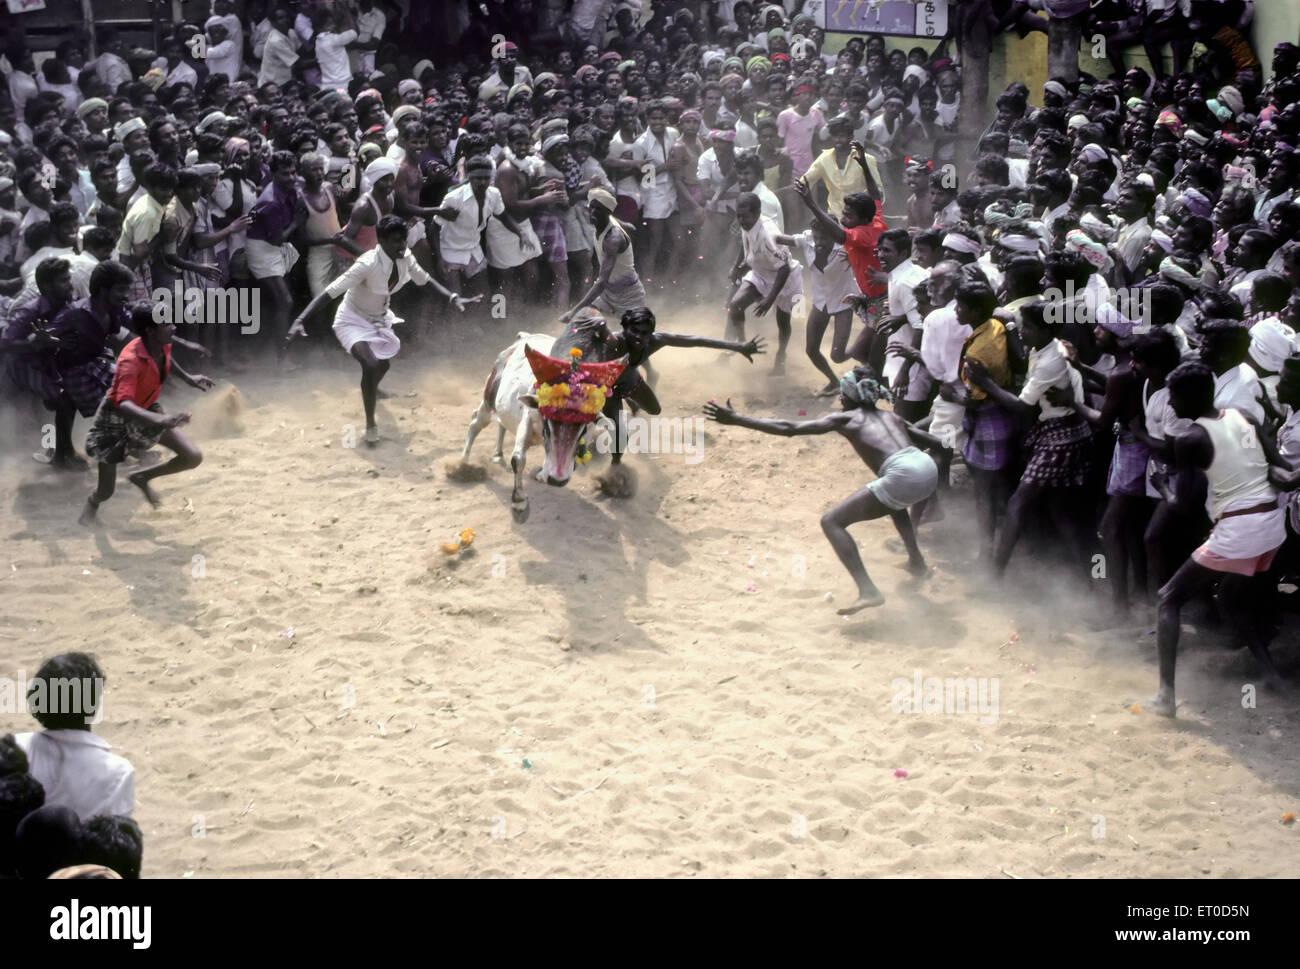 Jallikattu bull taming at Alanganallur near Madurai Tamil Nadu India - Stock Image